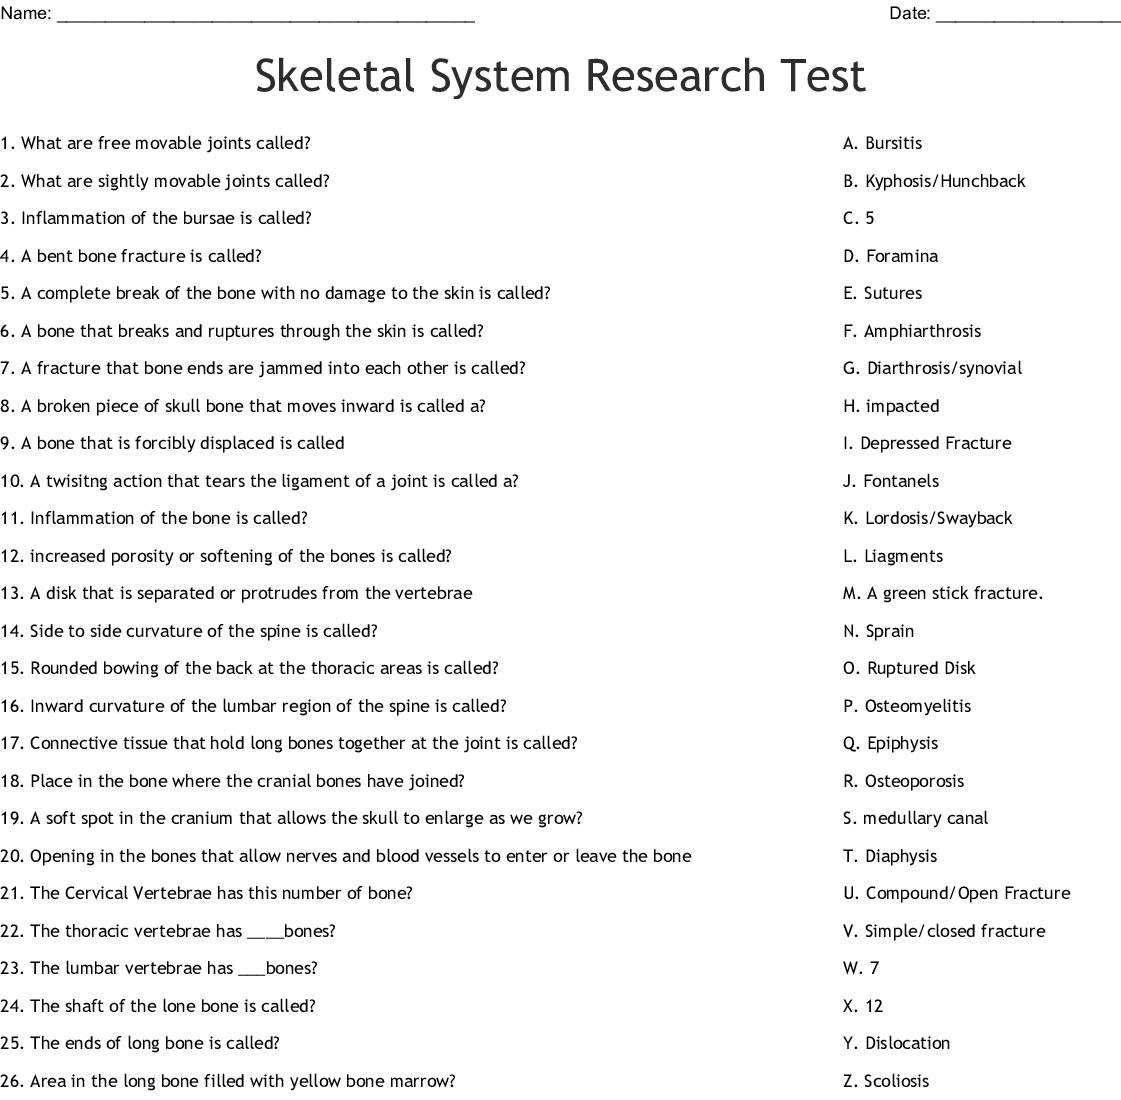 Skeletal System Research Test Worksheet